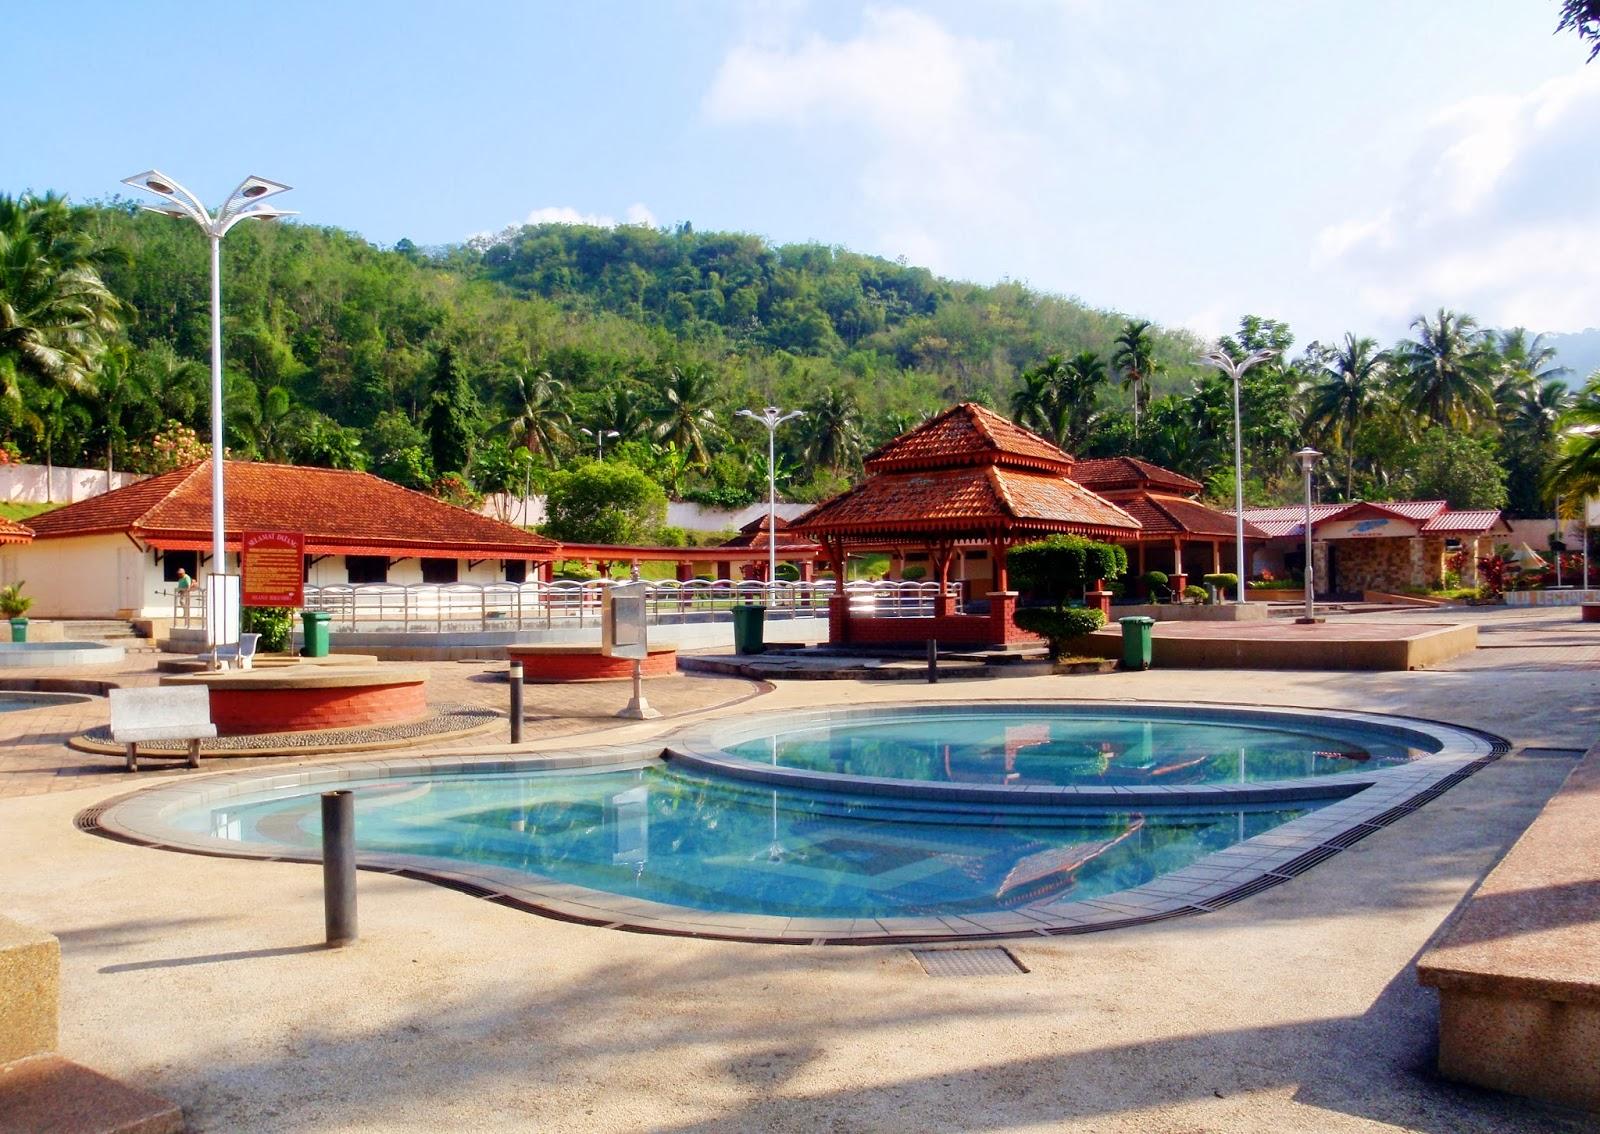 53 Tempat Menarik di KUALA LUMPUR PALING POPULAR